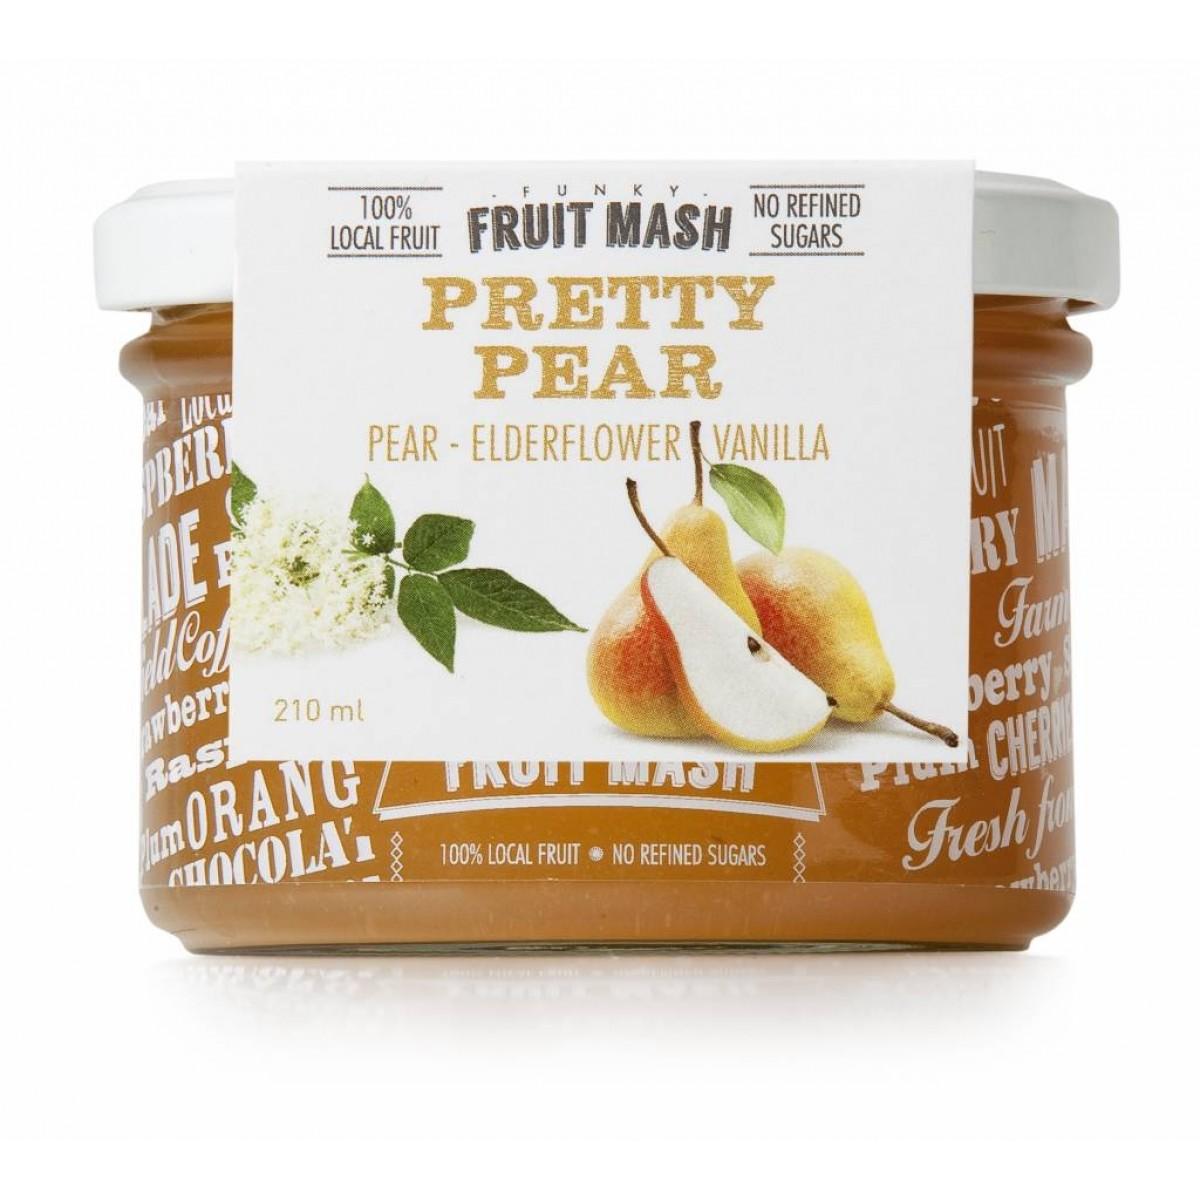 Funky Fruit Mash Pretty Pear